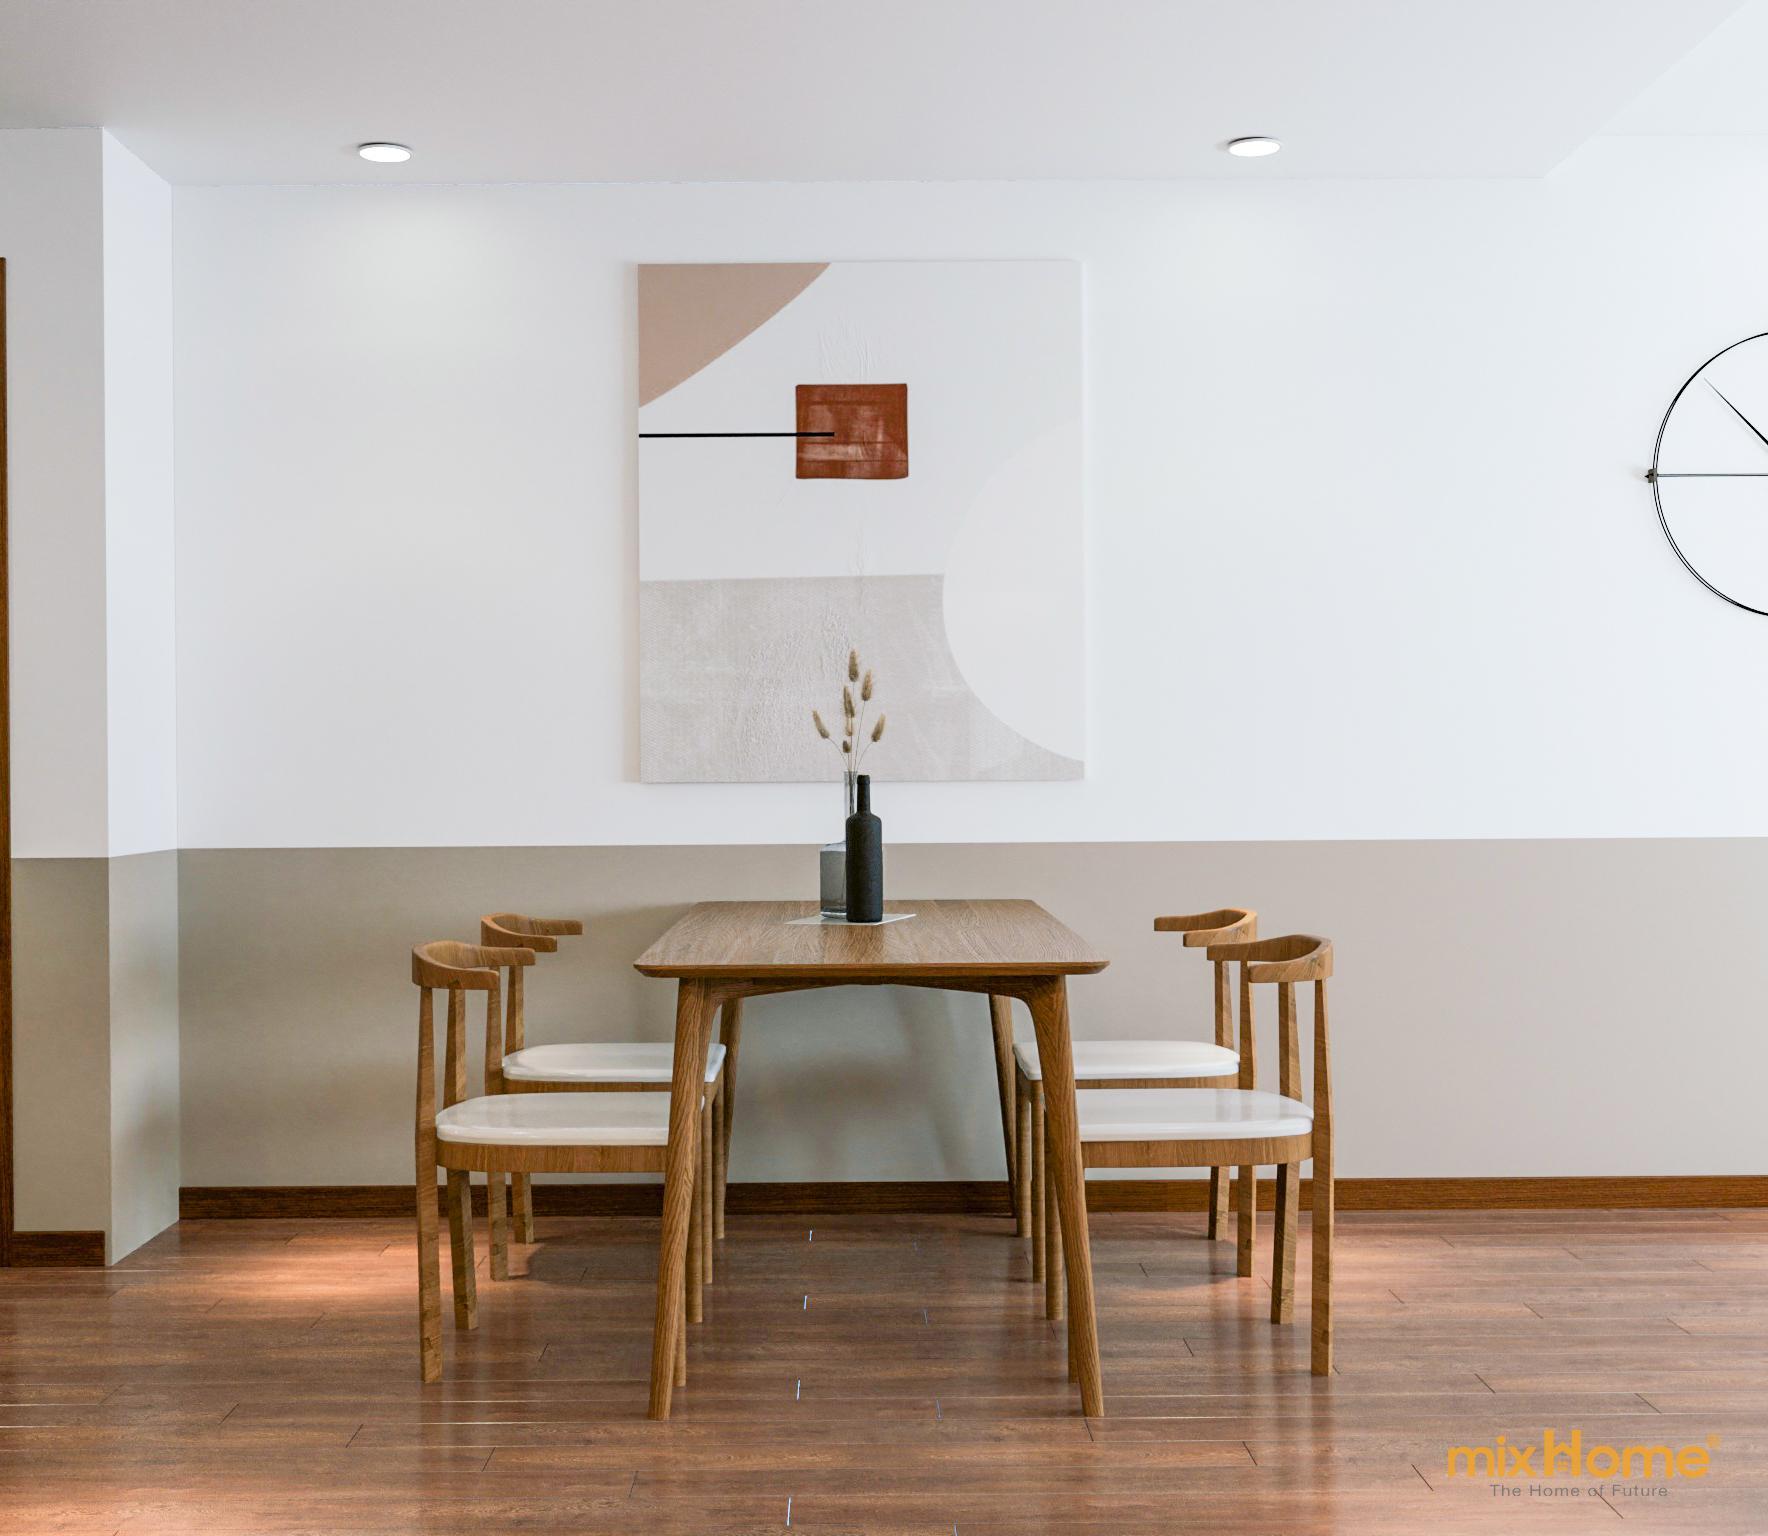 Sử dụng vật liệu có tính bền vững sẽ nâng cao giá trị và bảo vệ căn nhà của bạn